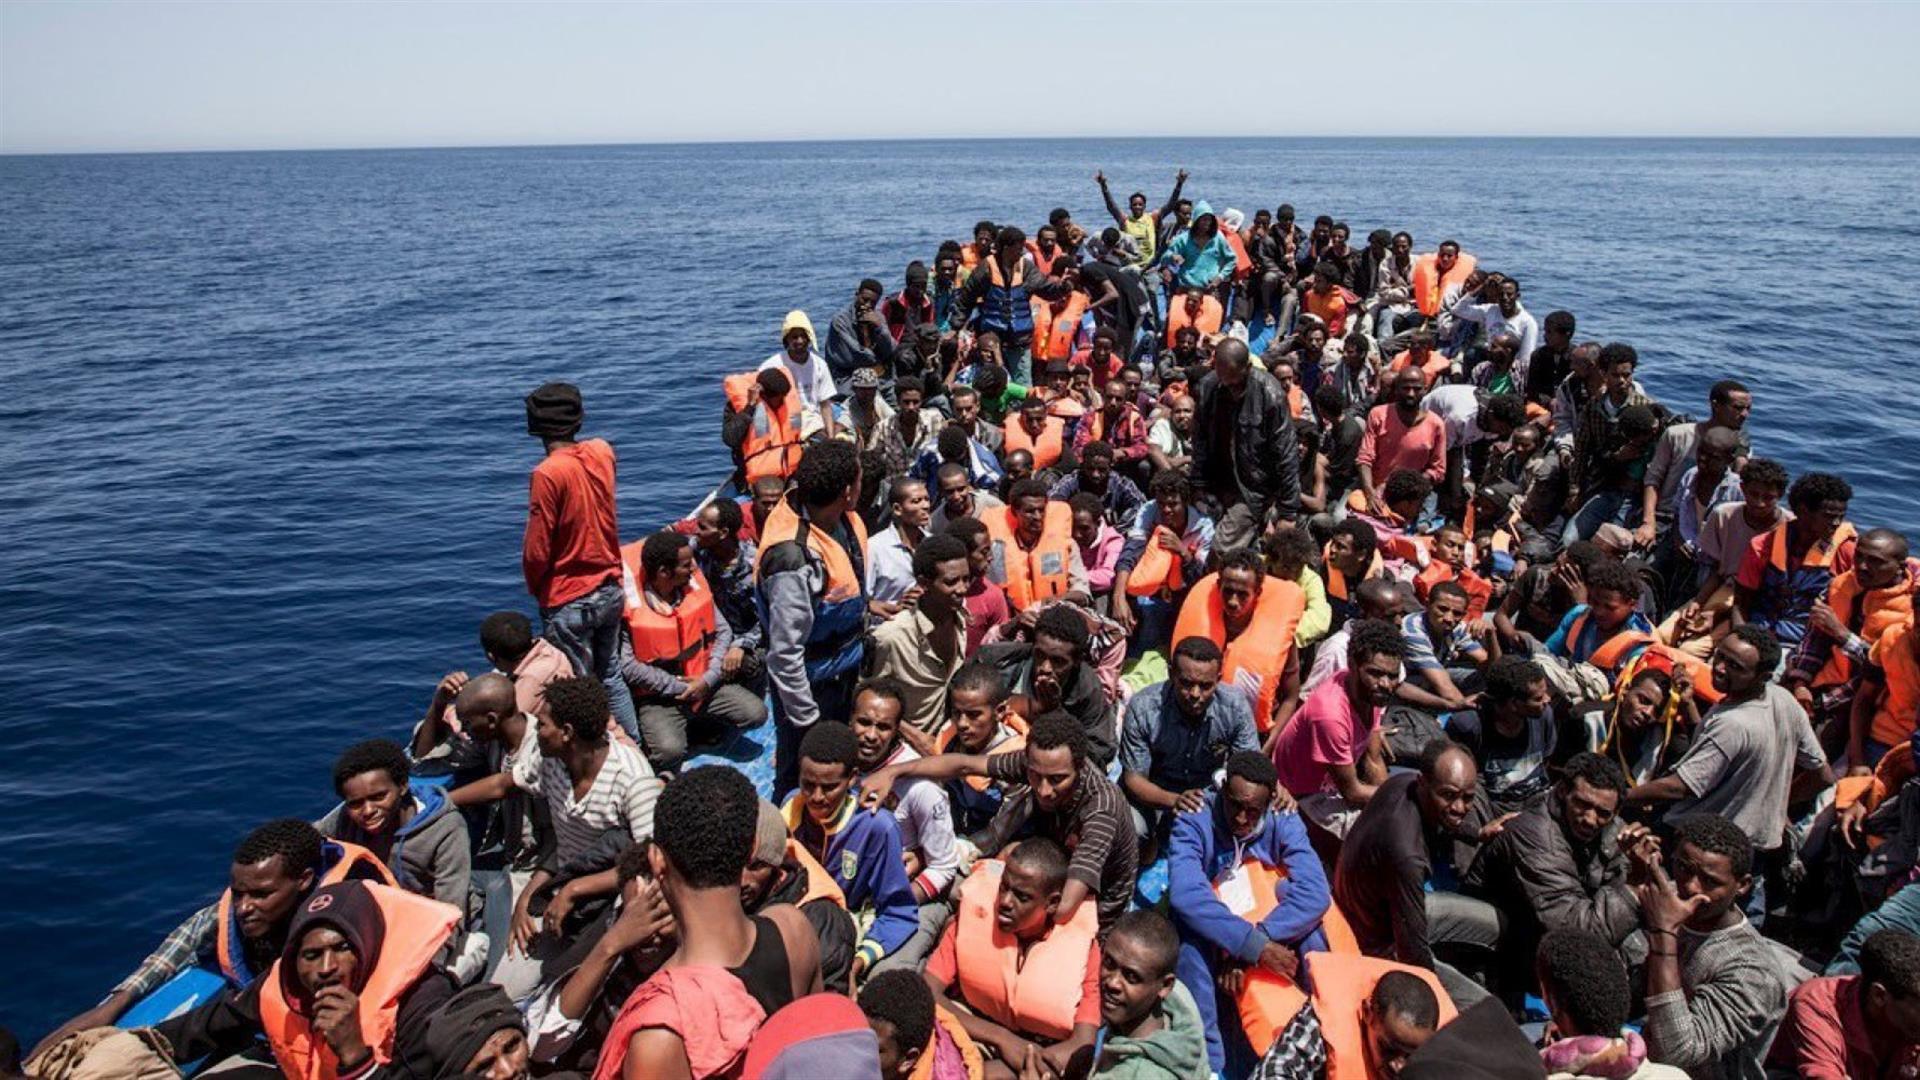 Razzista, vuoi fermare l'immigrazione? Diventa ambientalista